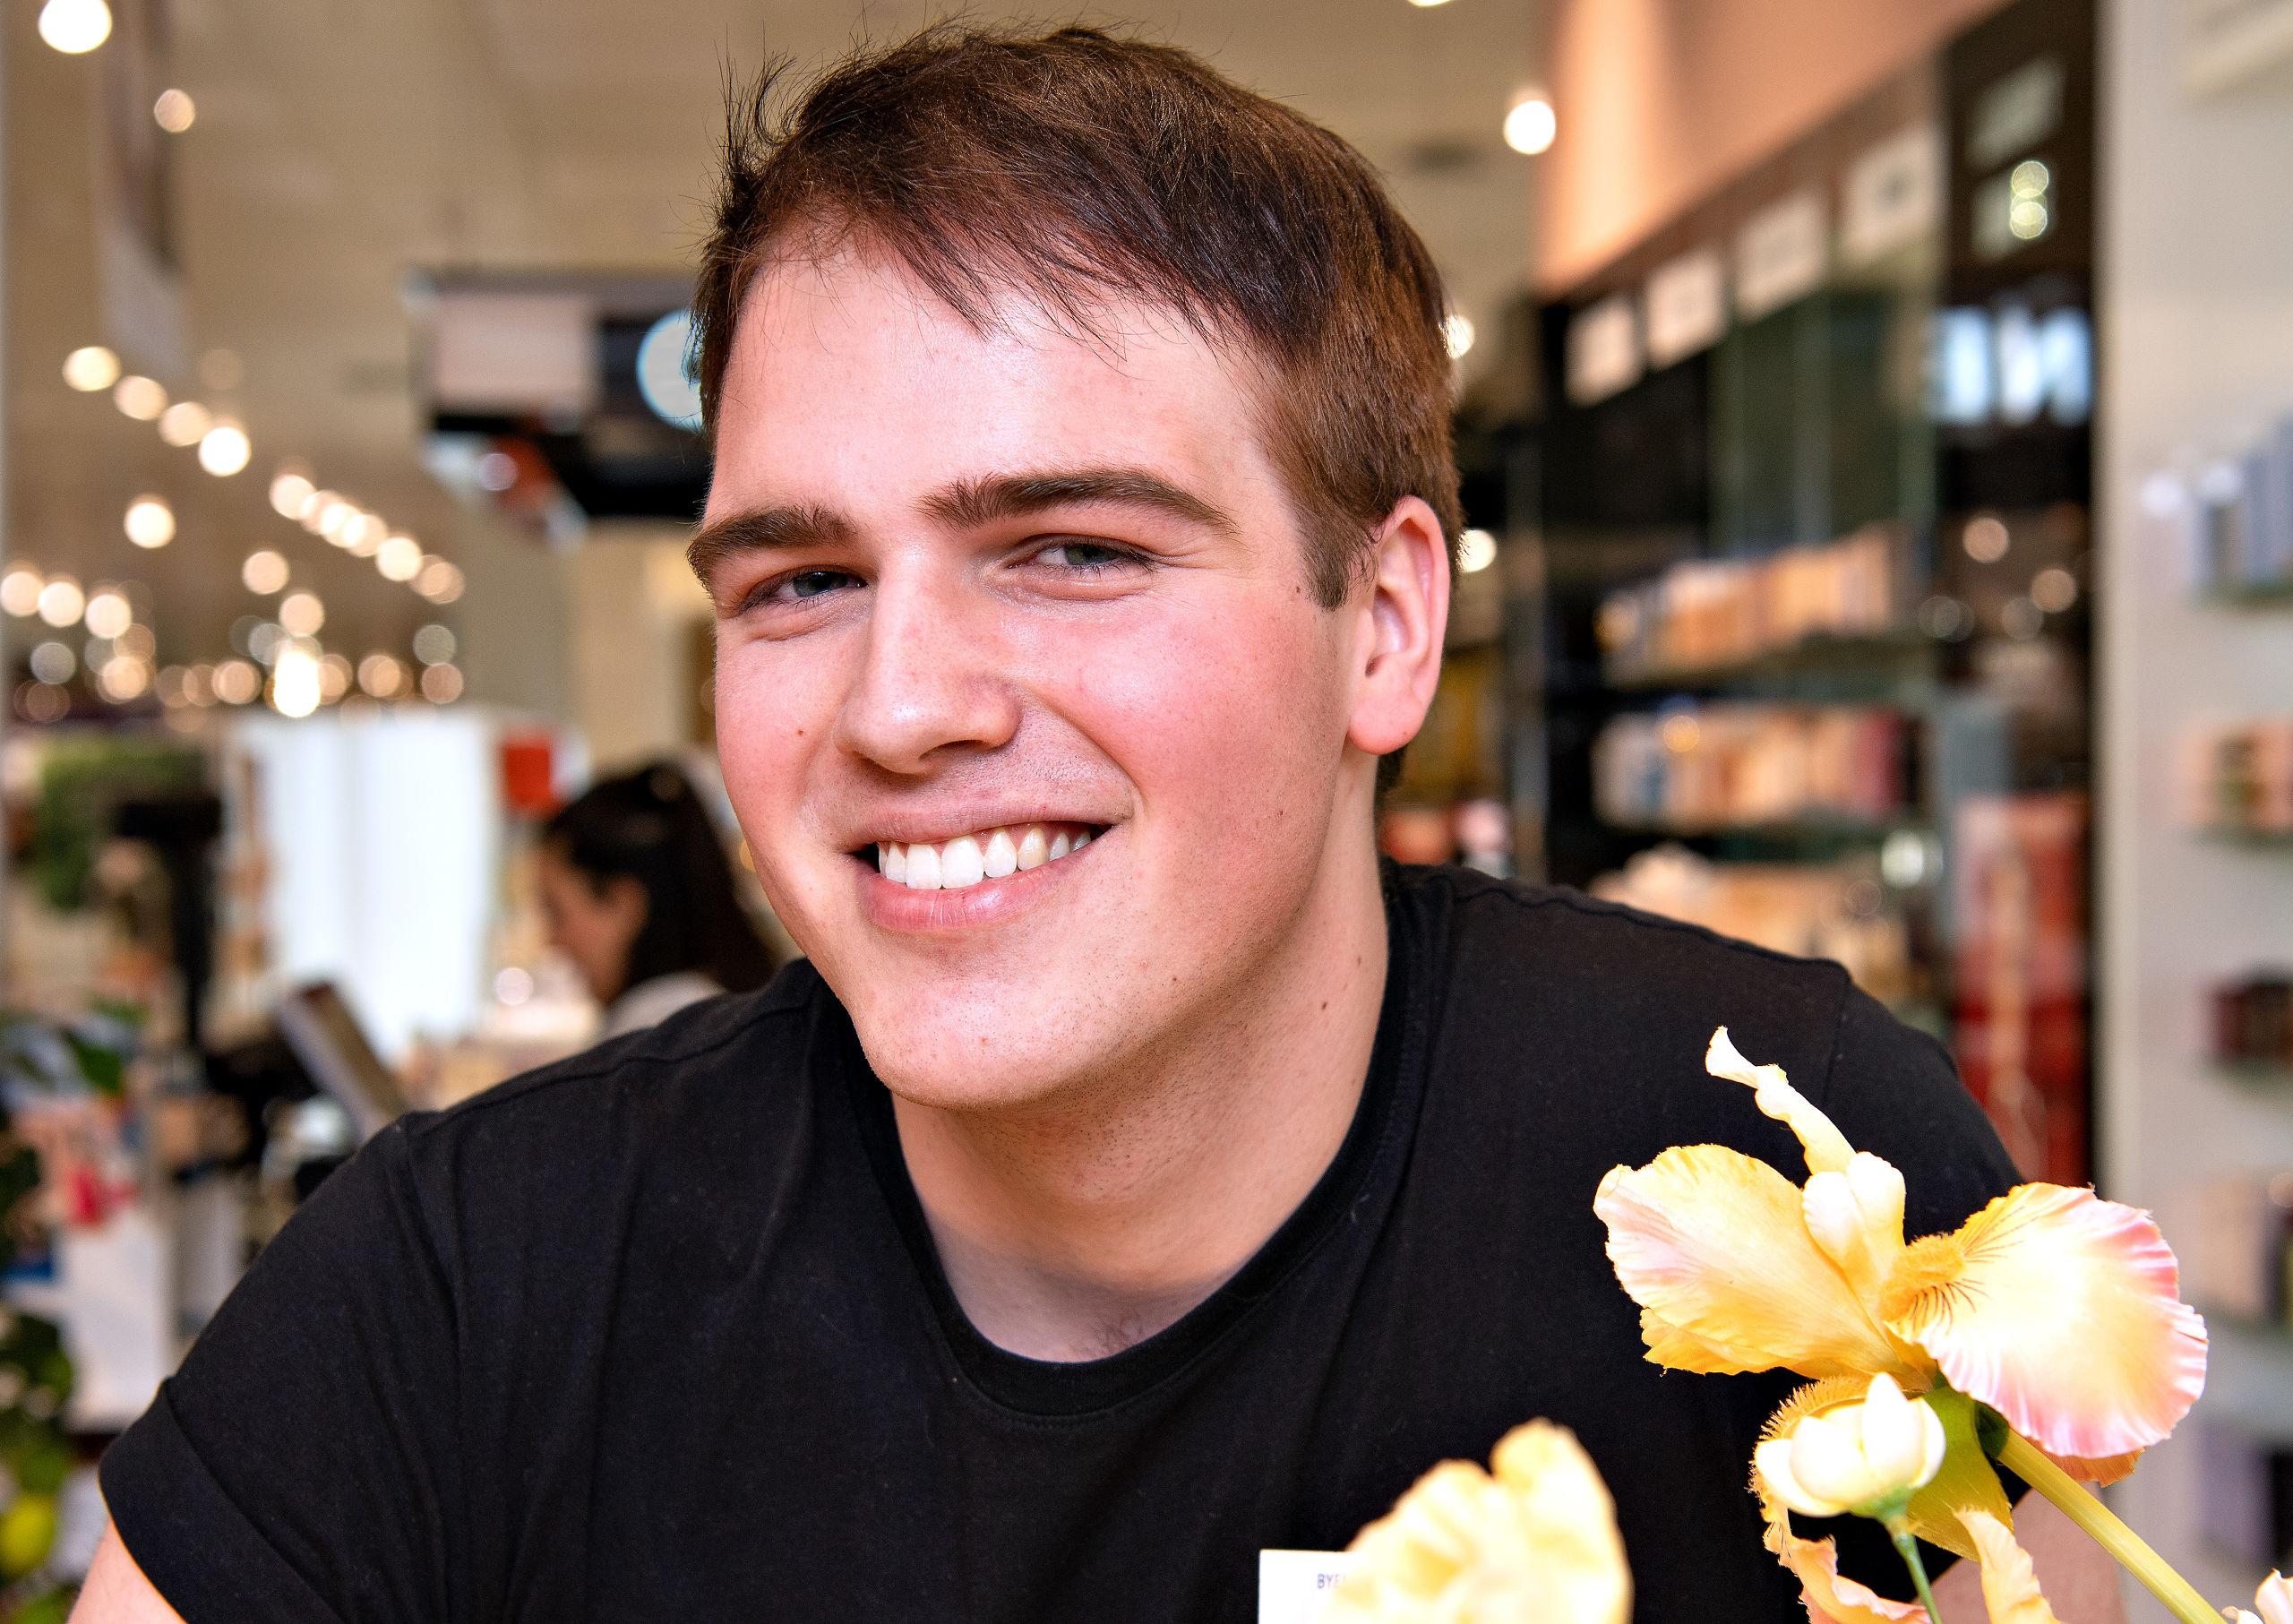 Oprindeligt var drømmen at blive skuespiller, men nu går Johannes Veise all in på at arbejde med parfumer. Foto: Hans Ravn